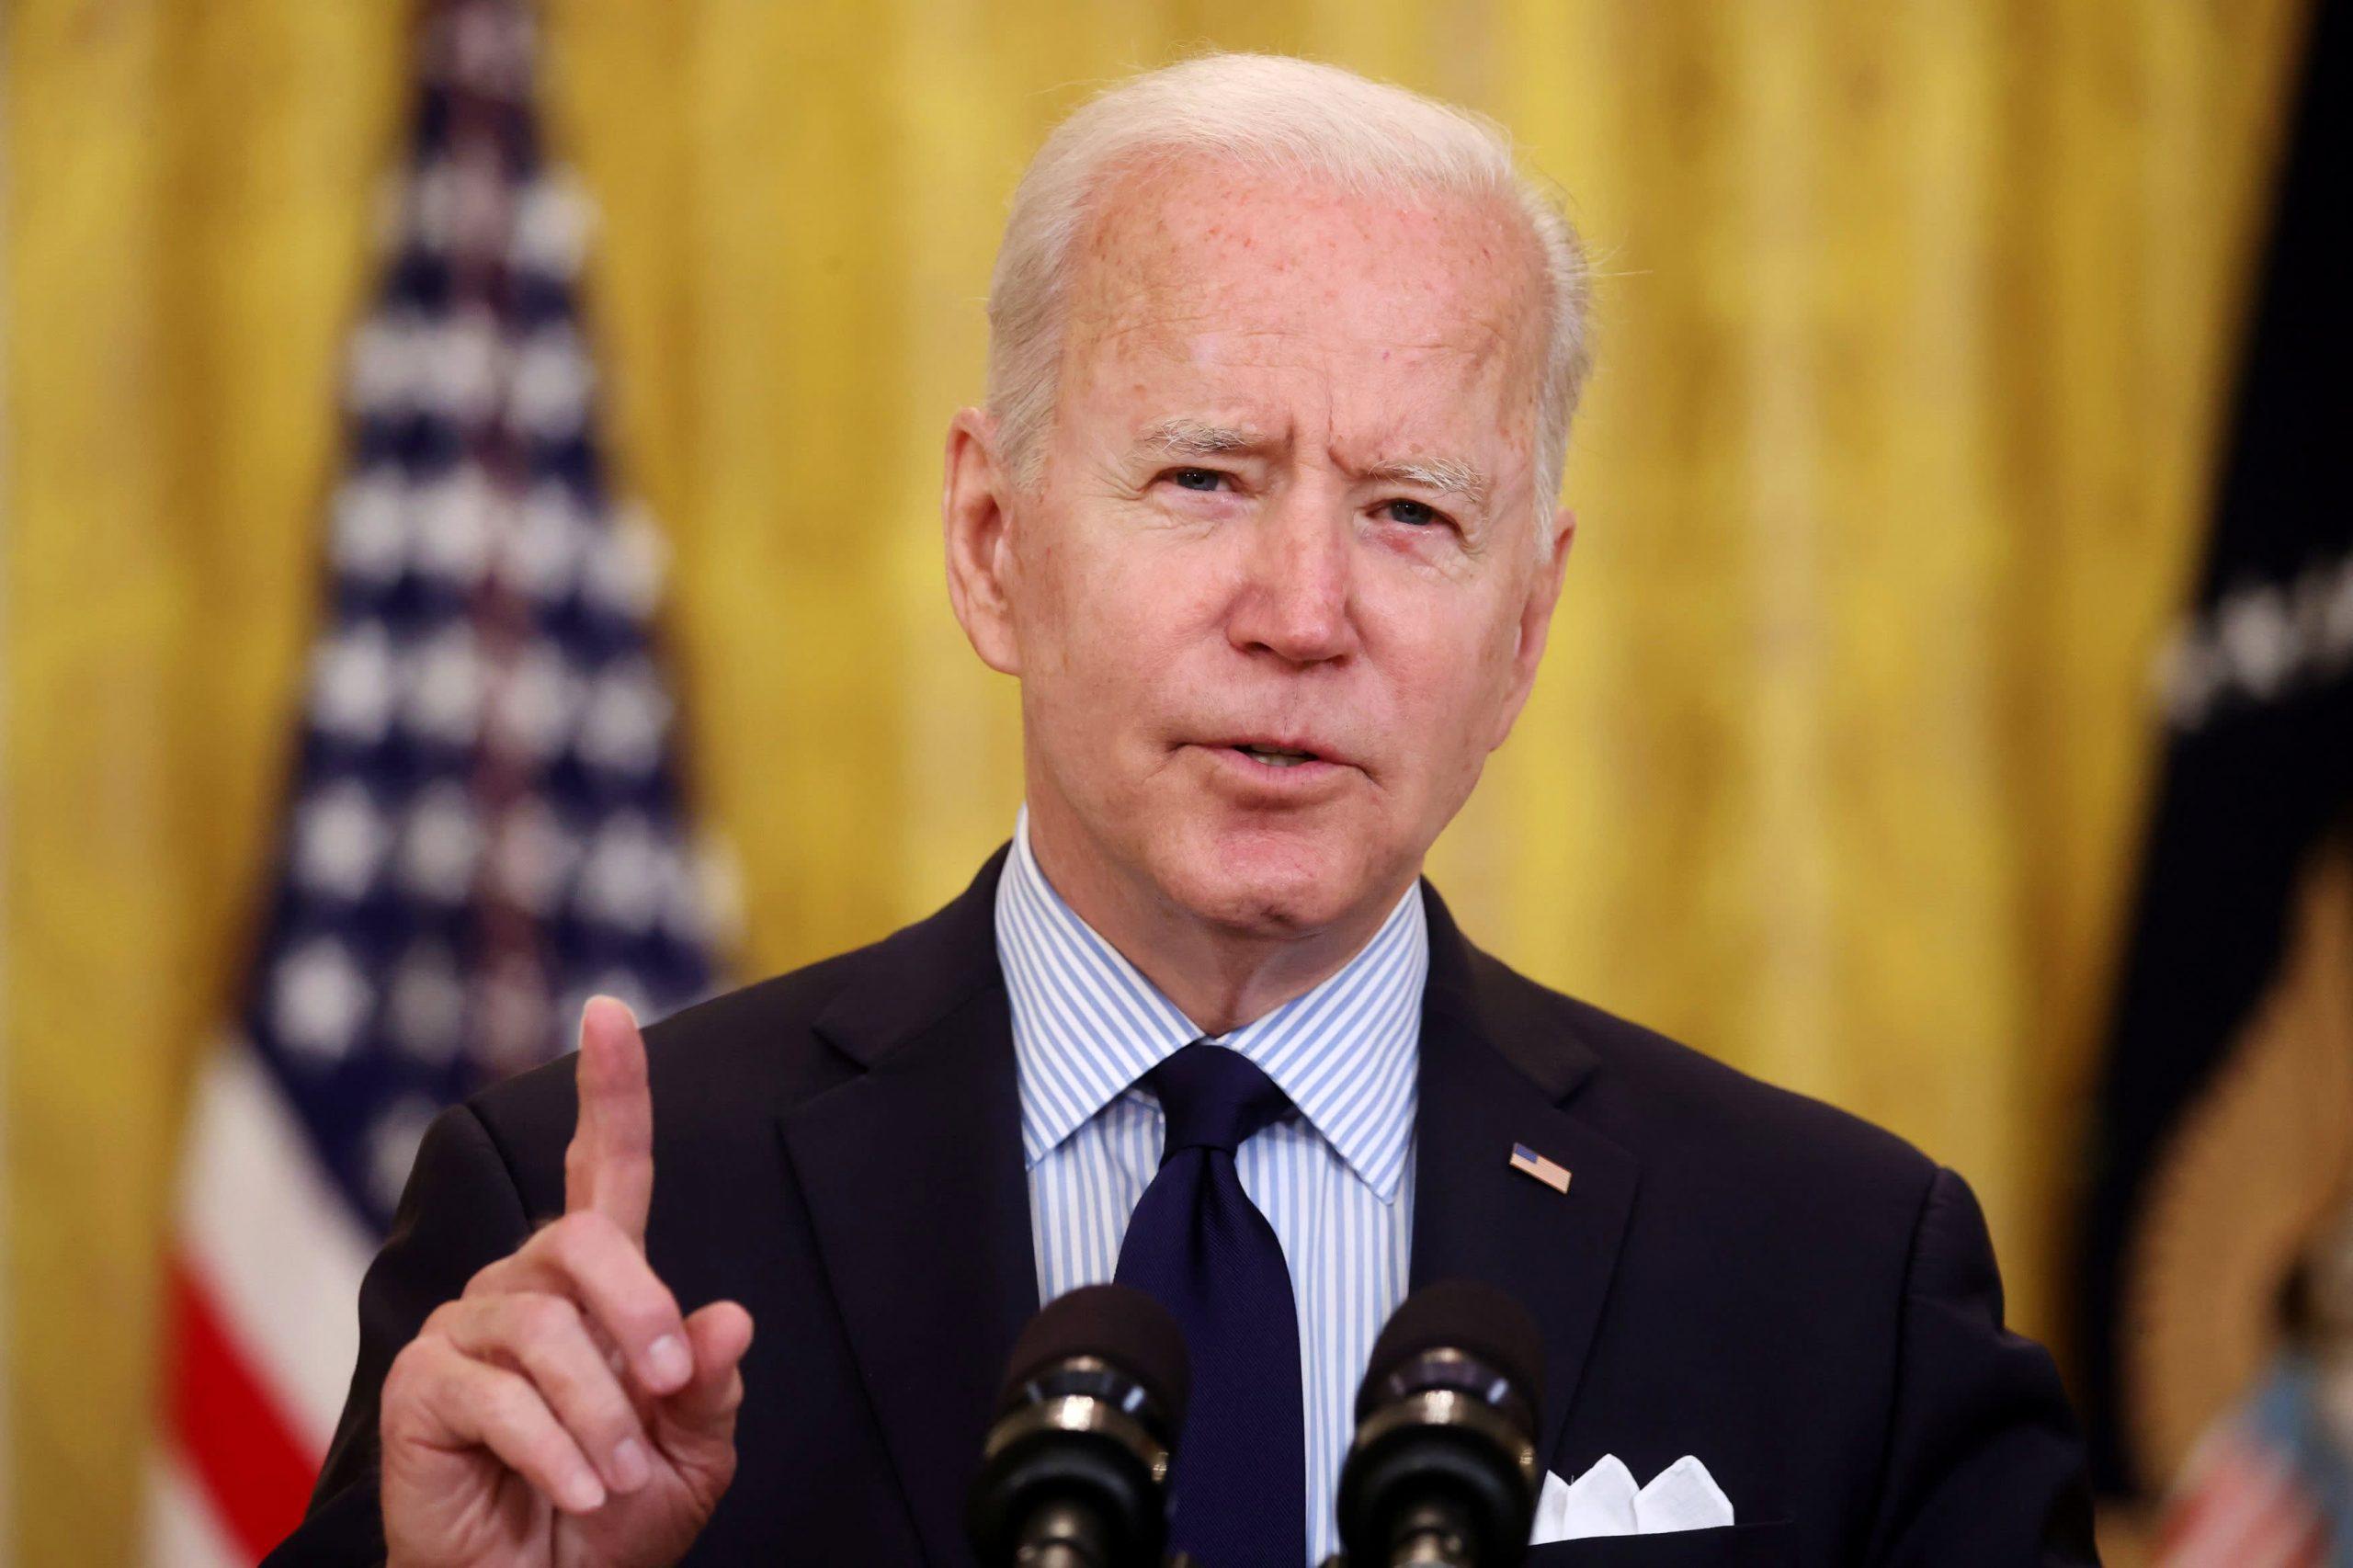 Dark Money Group lanza una campaña de presión de $ 2 millones para que los legisladores moderados aprueben partes de la agenda de Biden